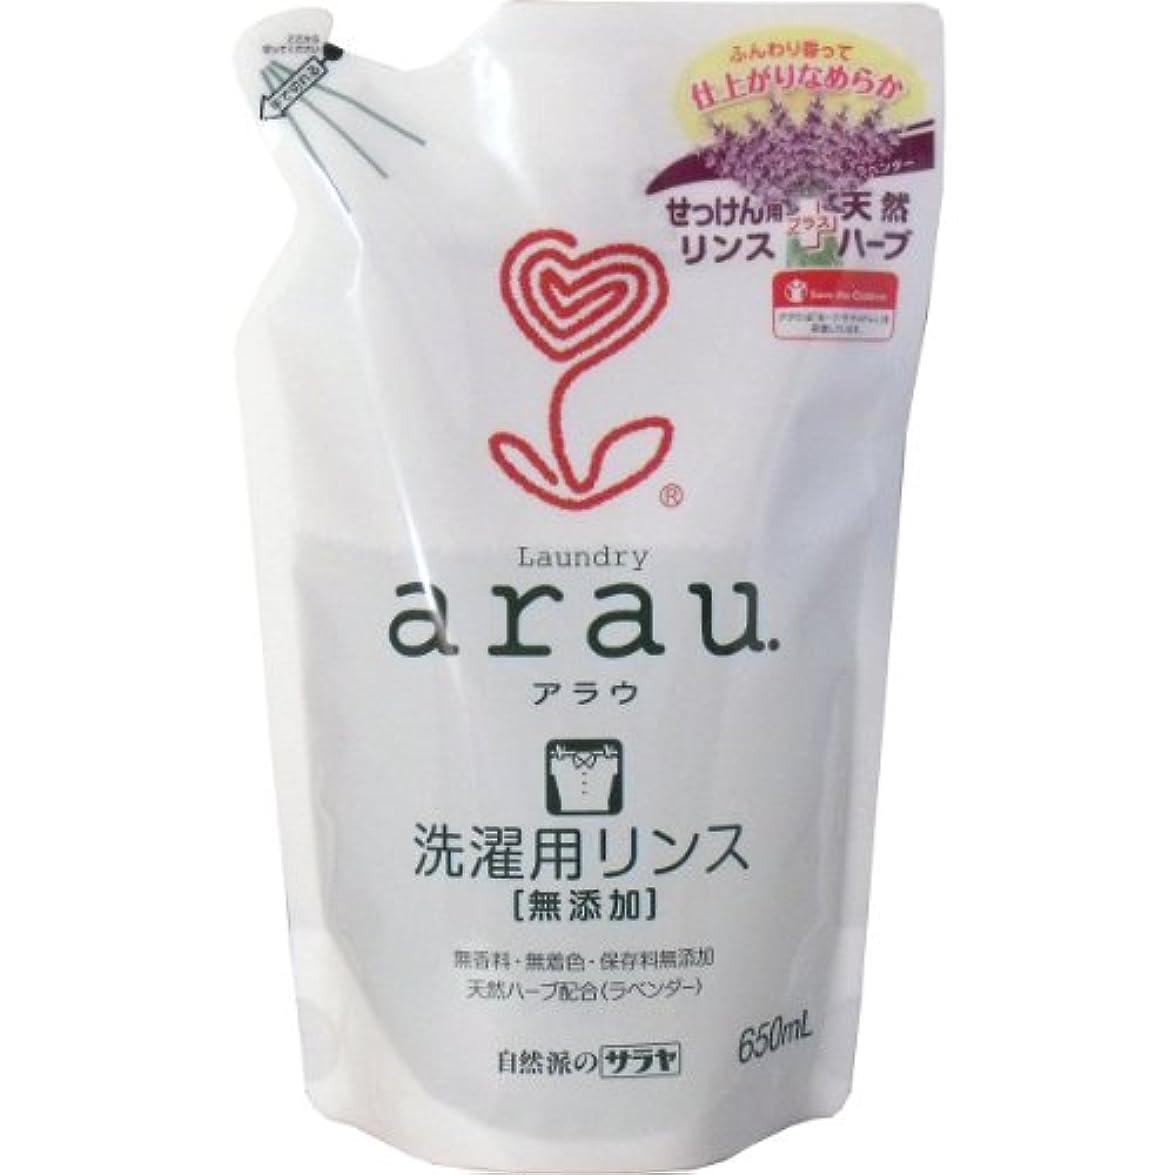 ガストランスミッション傾向arau.(アラウ) 洗濯用 リンス仕上げ 詰替用 650ml ×2セット